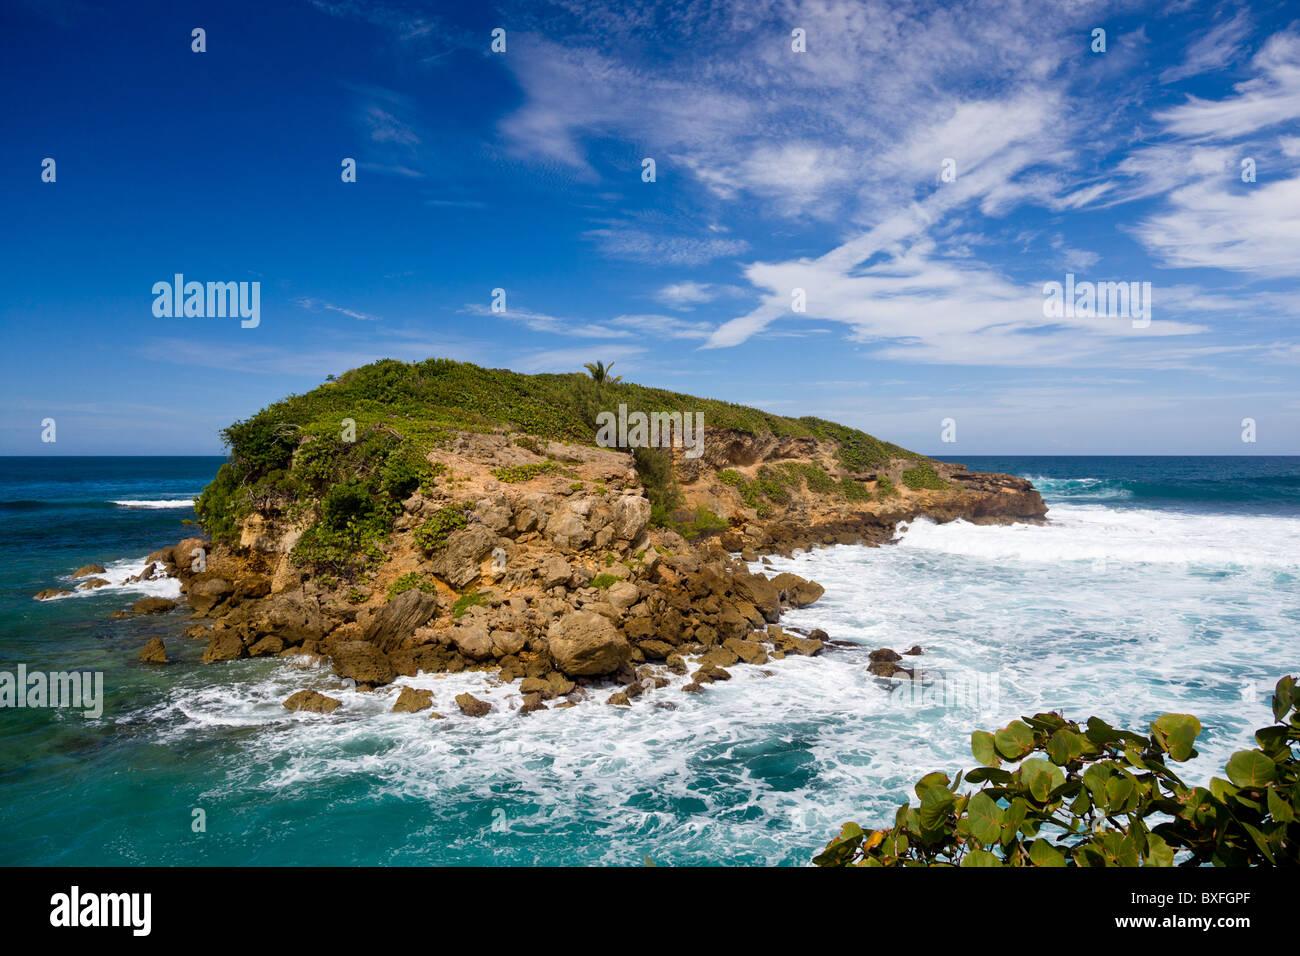 Isola rocciosa a navigare al largo della costa nord est de Puerto Rico Immagini Stock